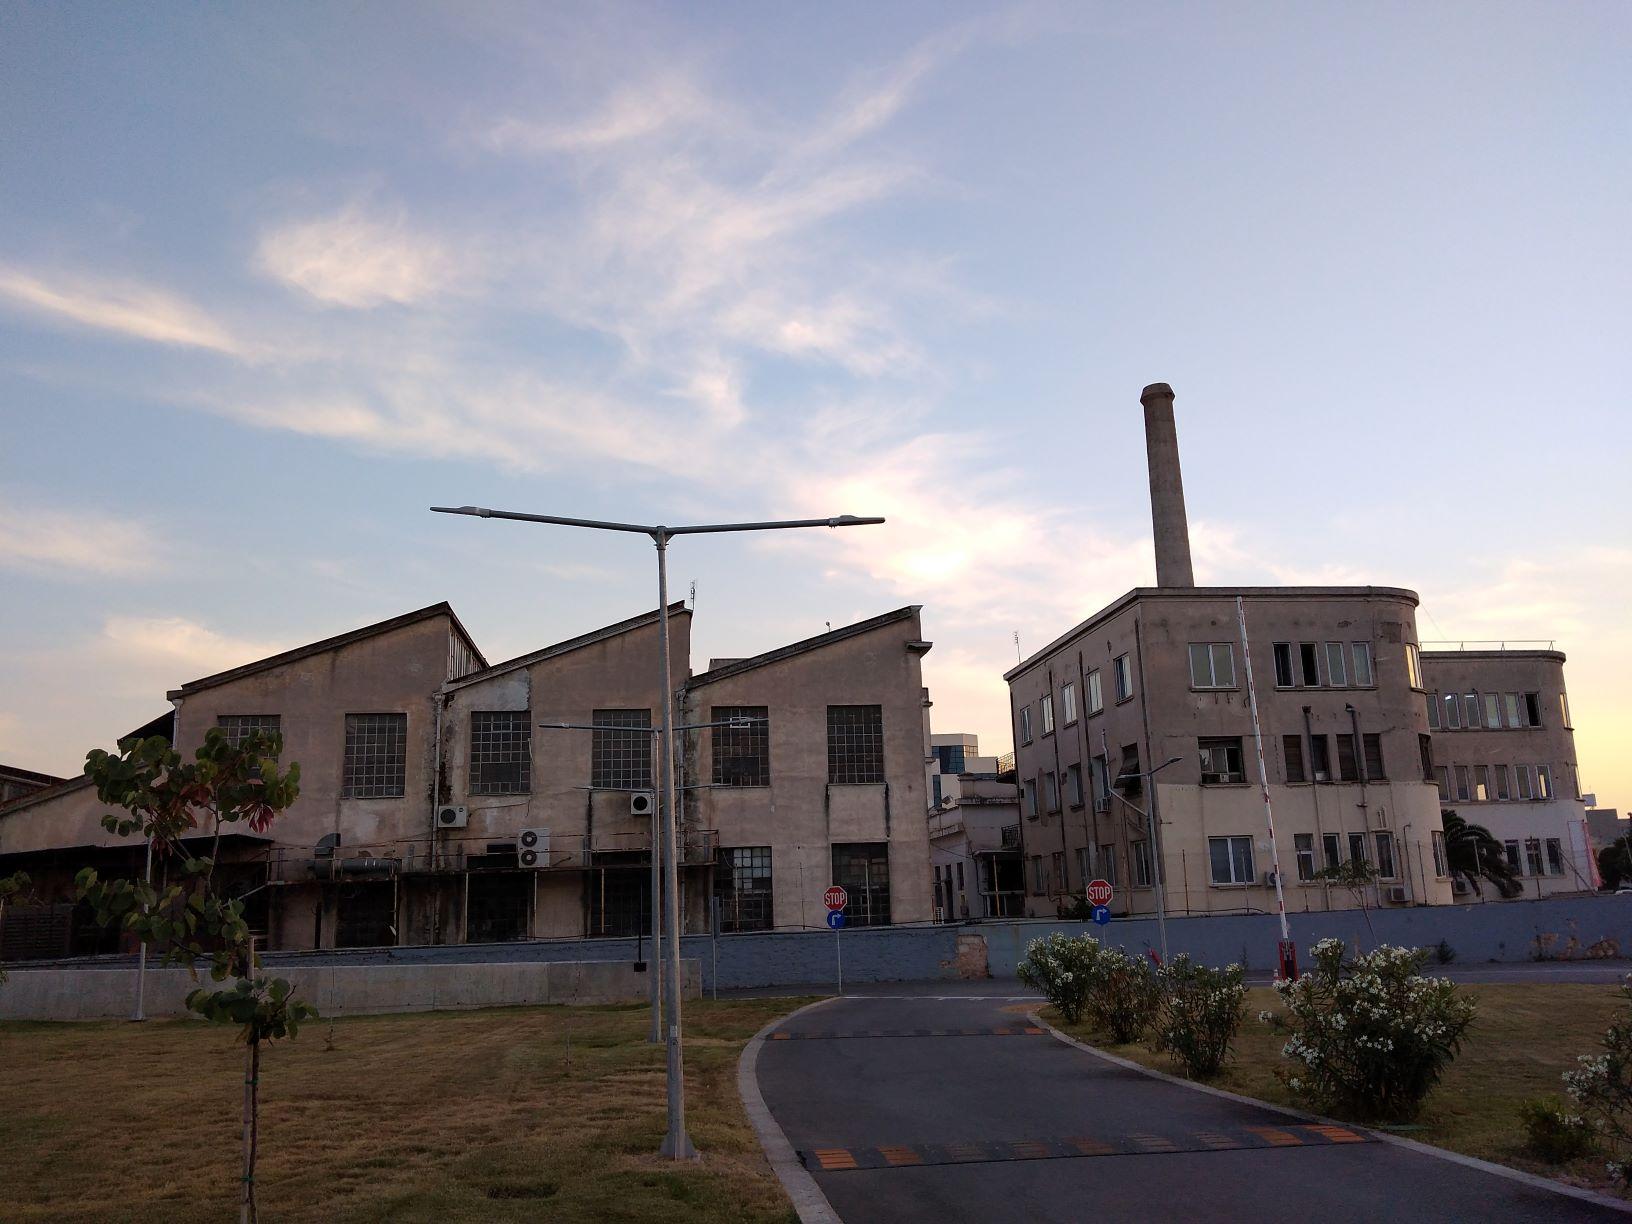 Λαναράς, Περιστέρι, Μουζάκης, Δημητρίου Άντζελα, Βιομηχανικό κτίριο, κλωστοϋφαντουργία